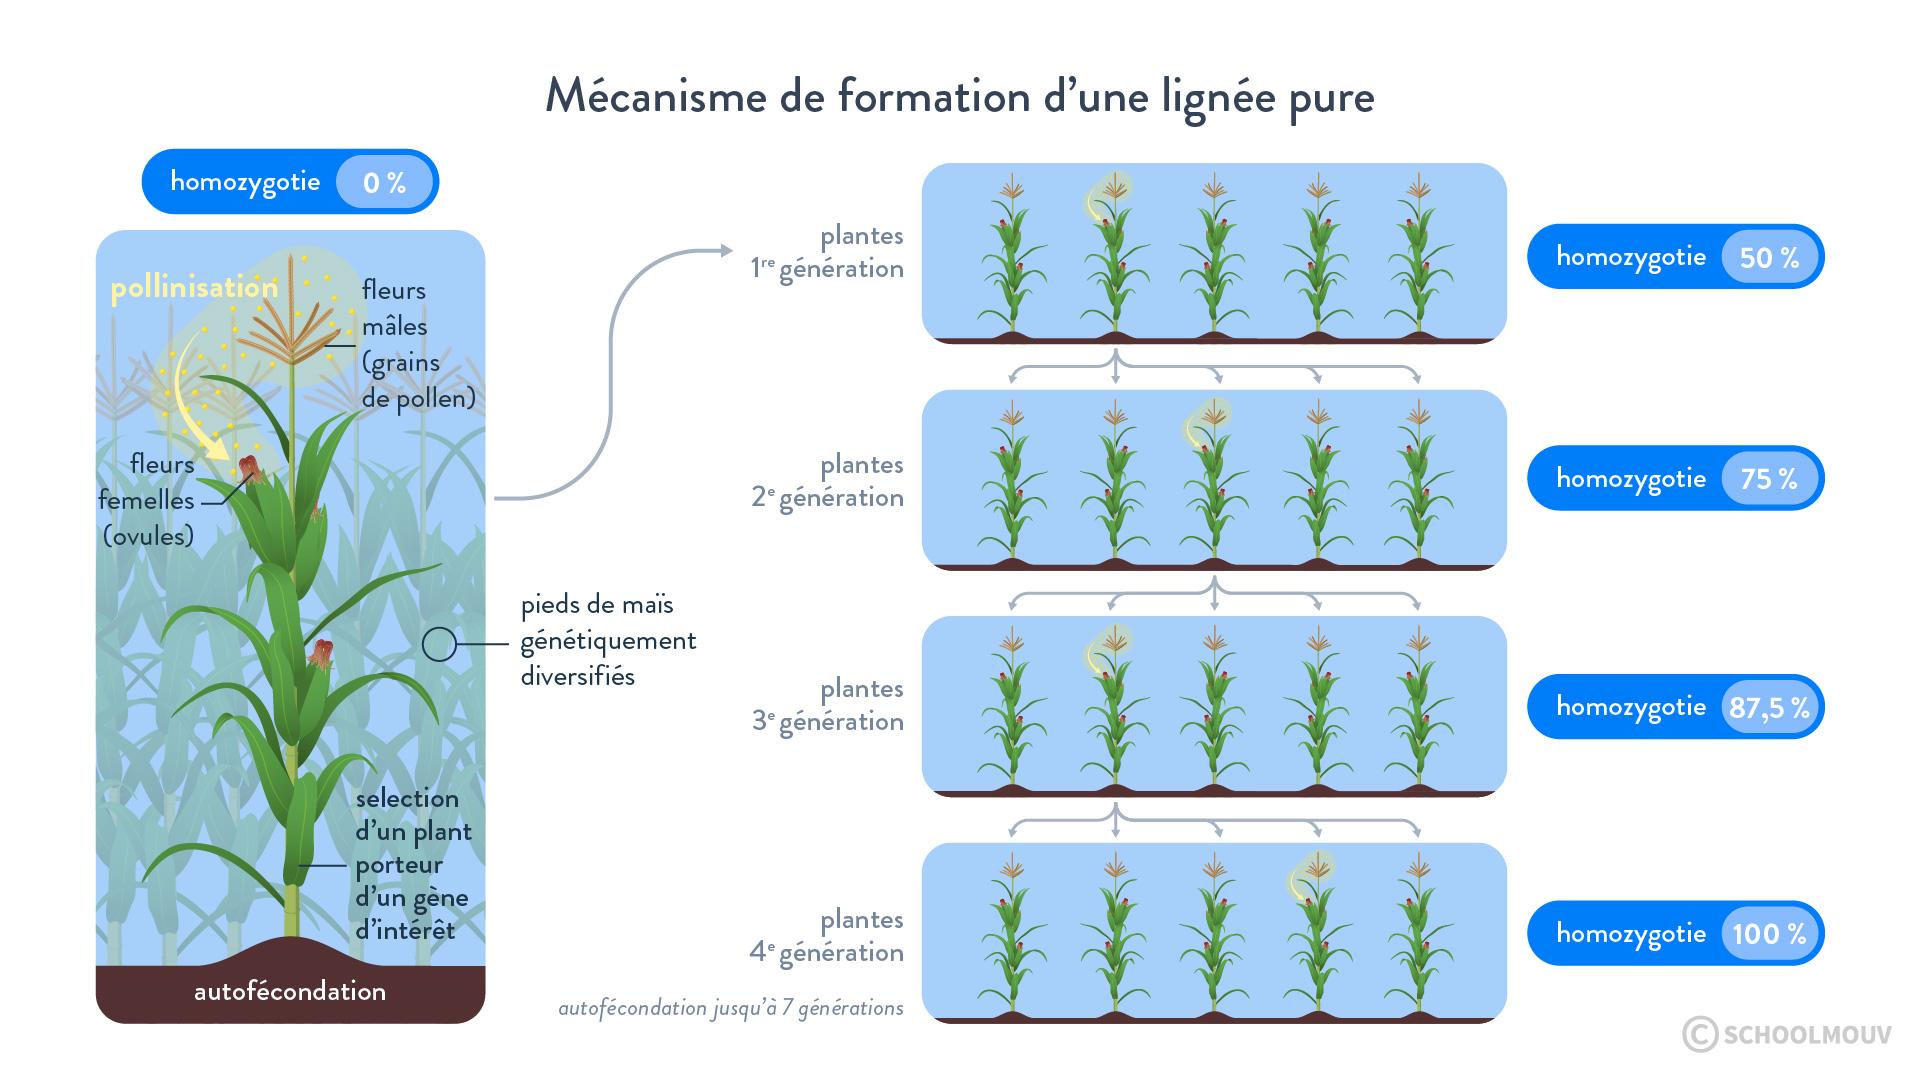 Mécanisme de formation d'une lignée pure